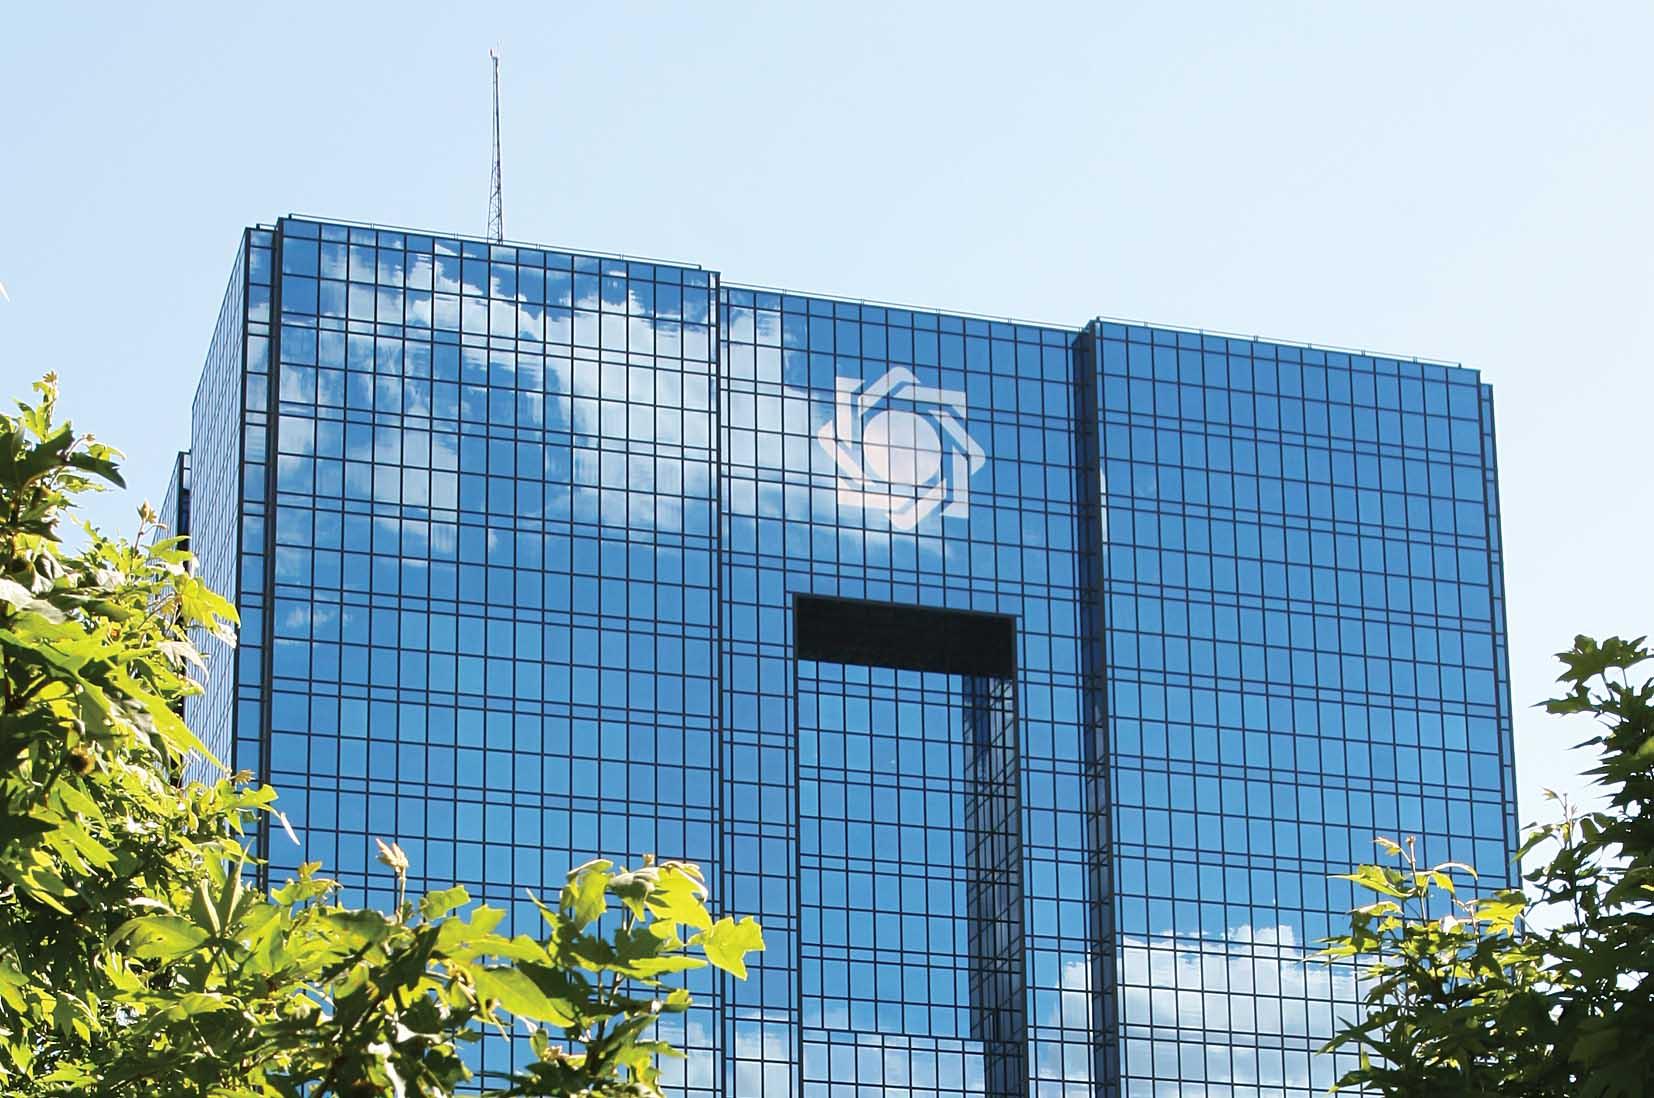 معضل نحوه اداره بانک مرکزی کماکان باقی است